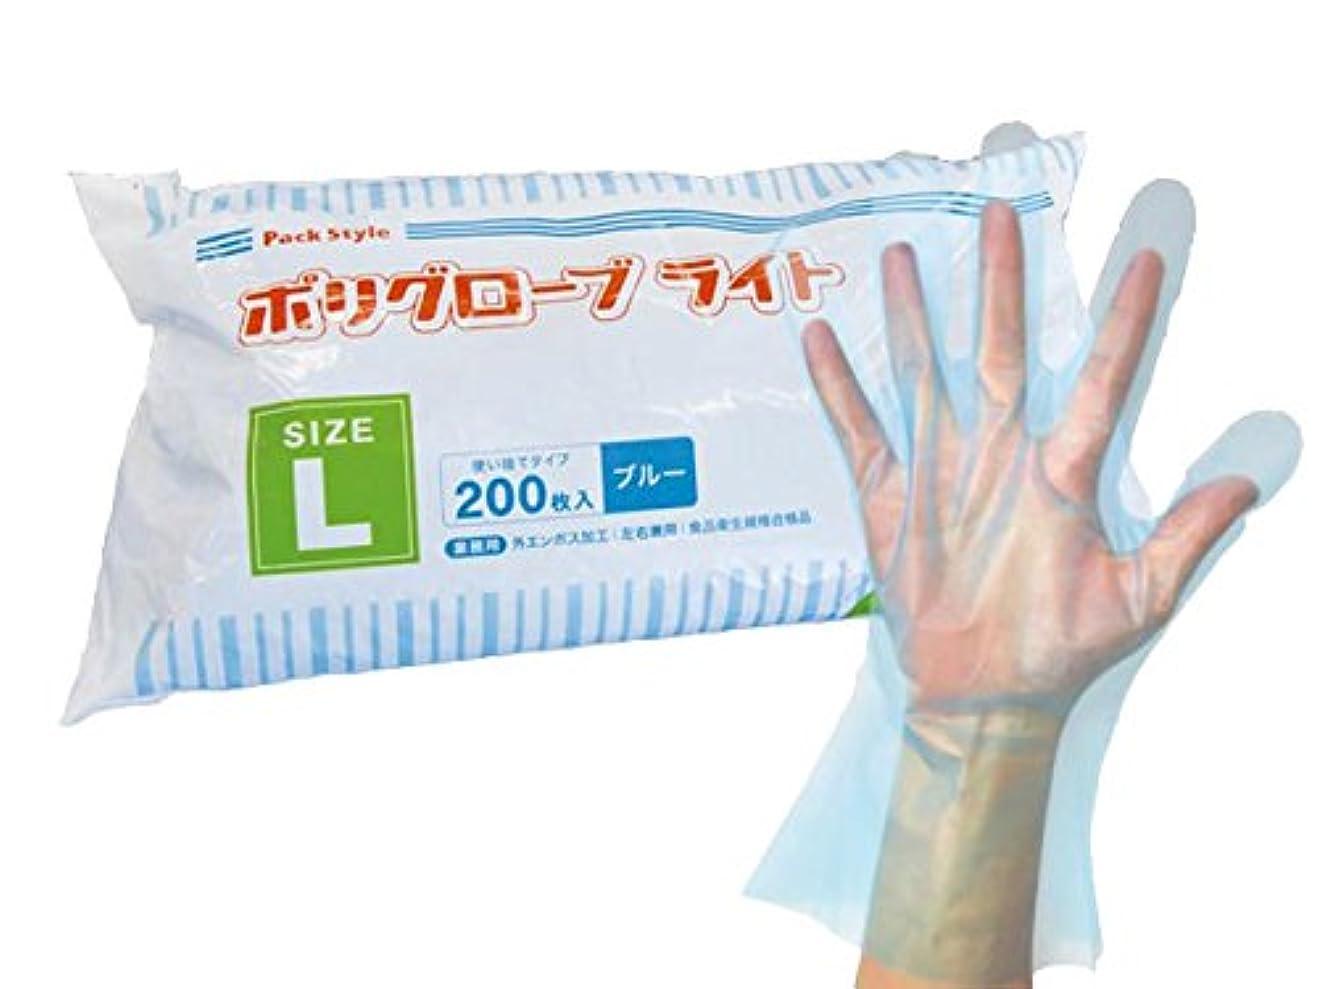 ウェーハバリア道徳パックスタイル 使い捨て ポリ手袋 ポリグローブライト ブルー 袋入 SS 6000枚 00555009